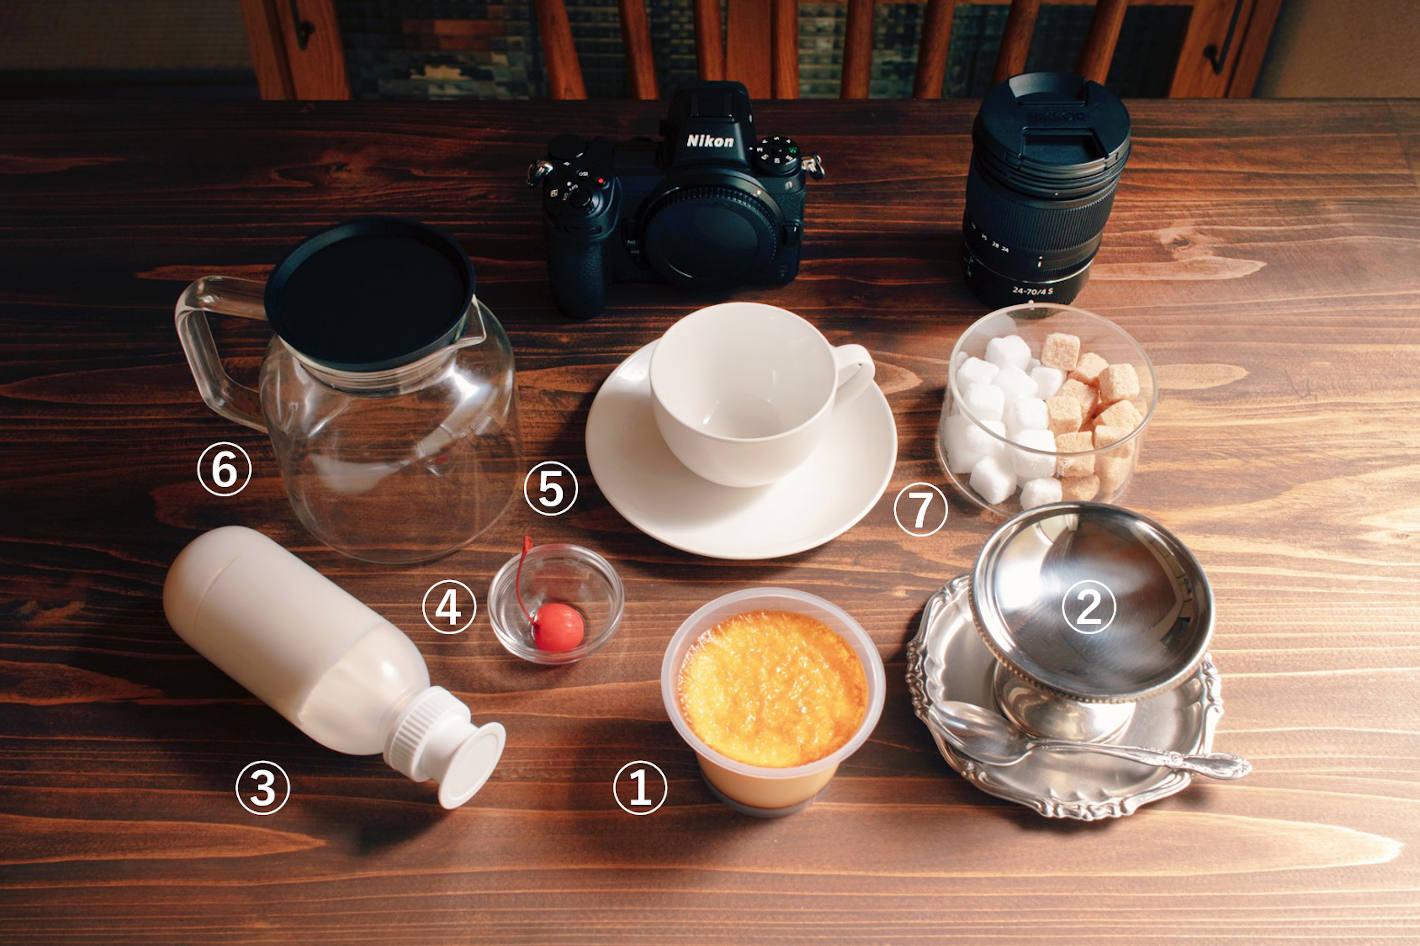 「食」と「写真」の美味しい関係 - 毎日の食卓が楽しくなる7つの撮り方